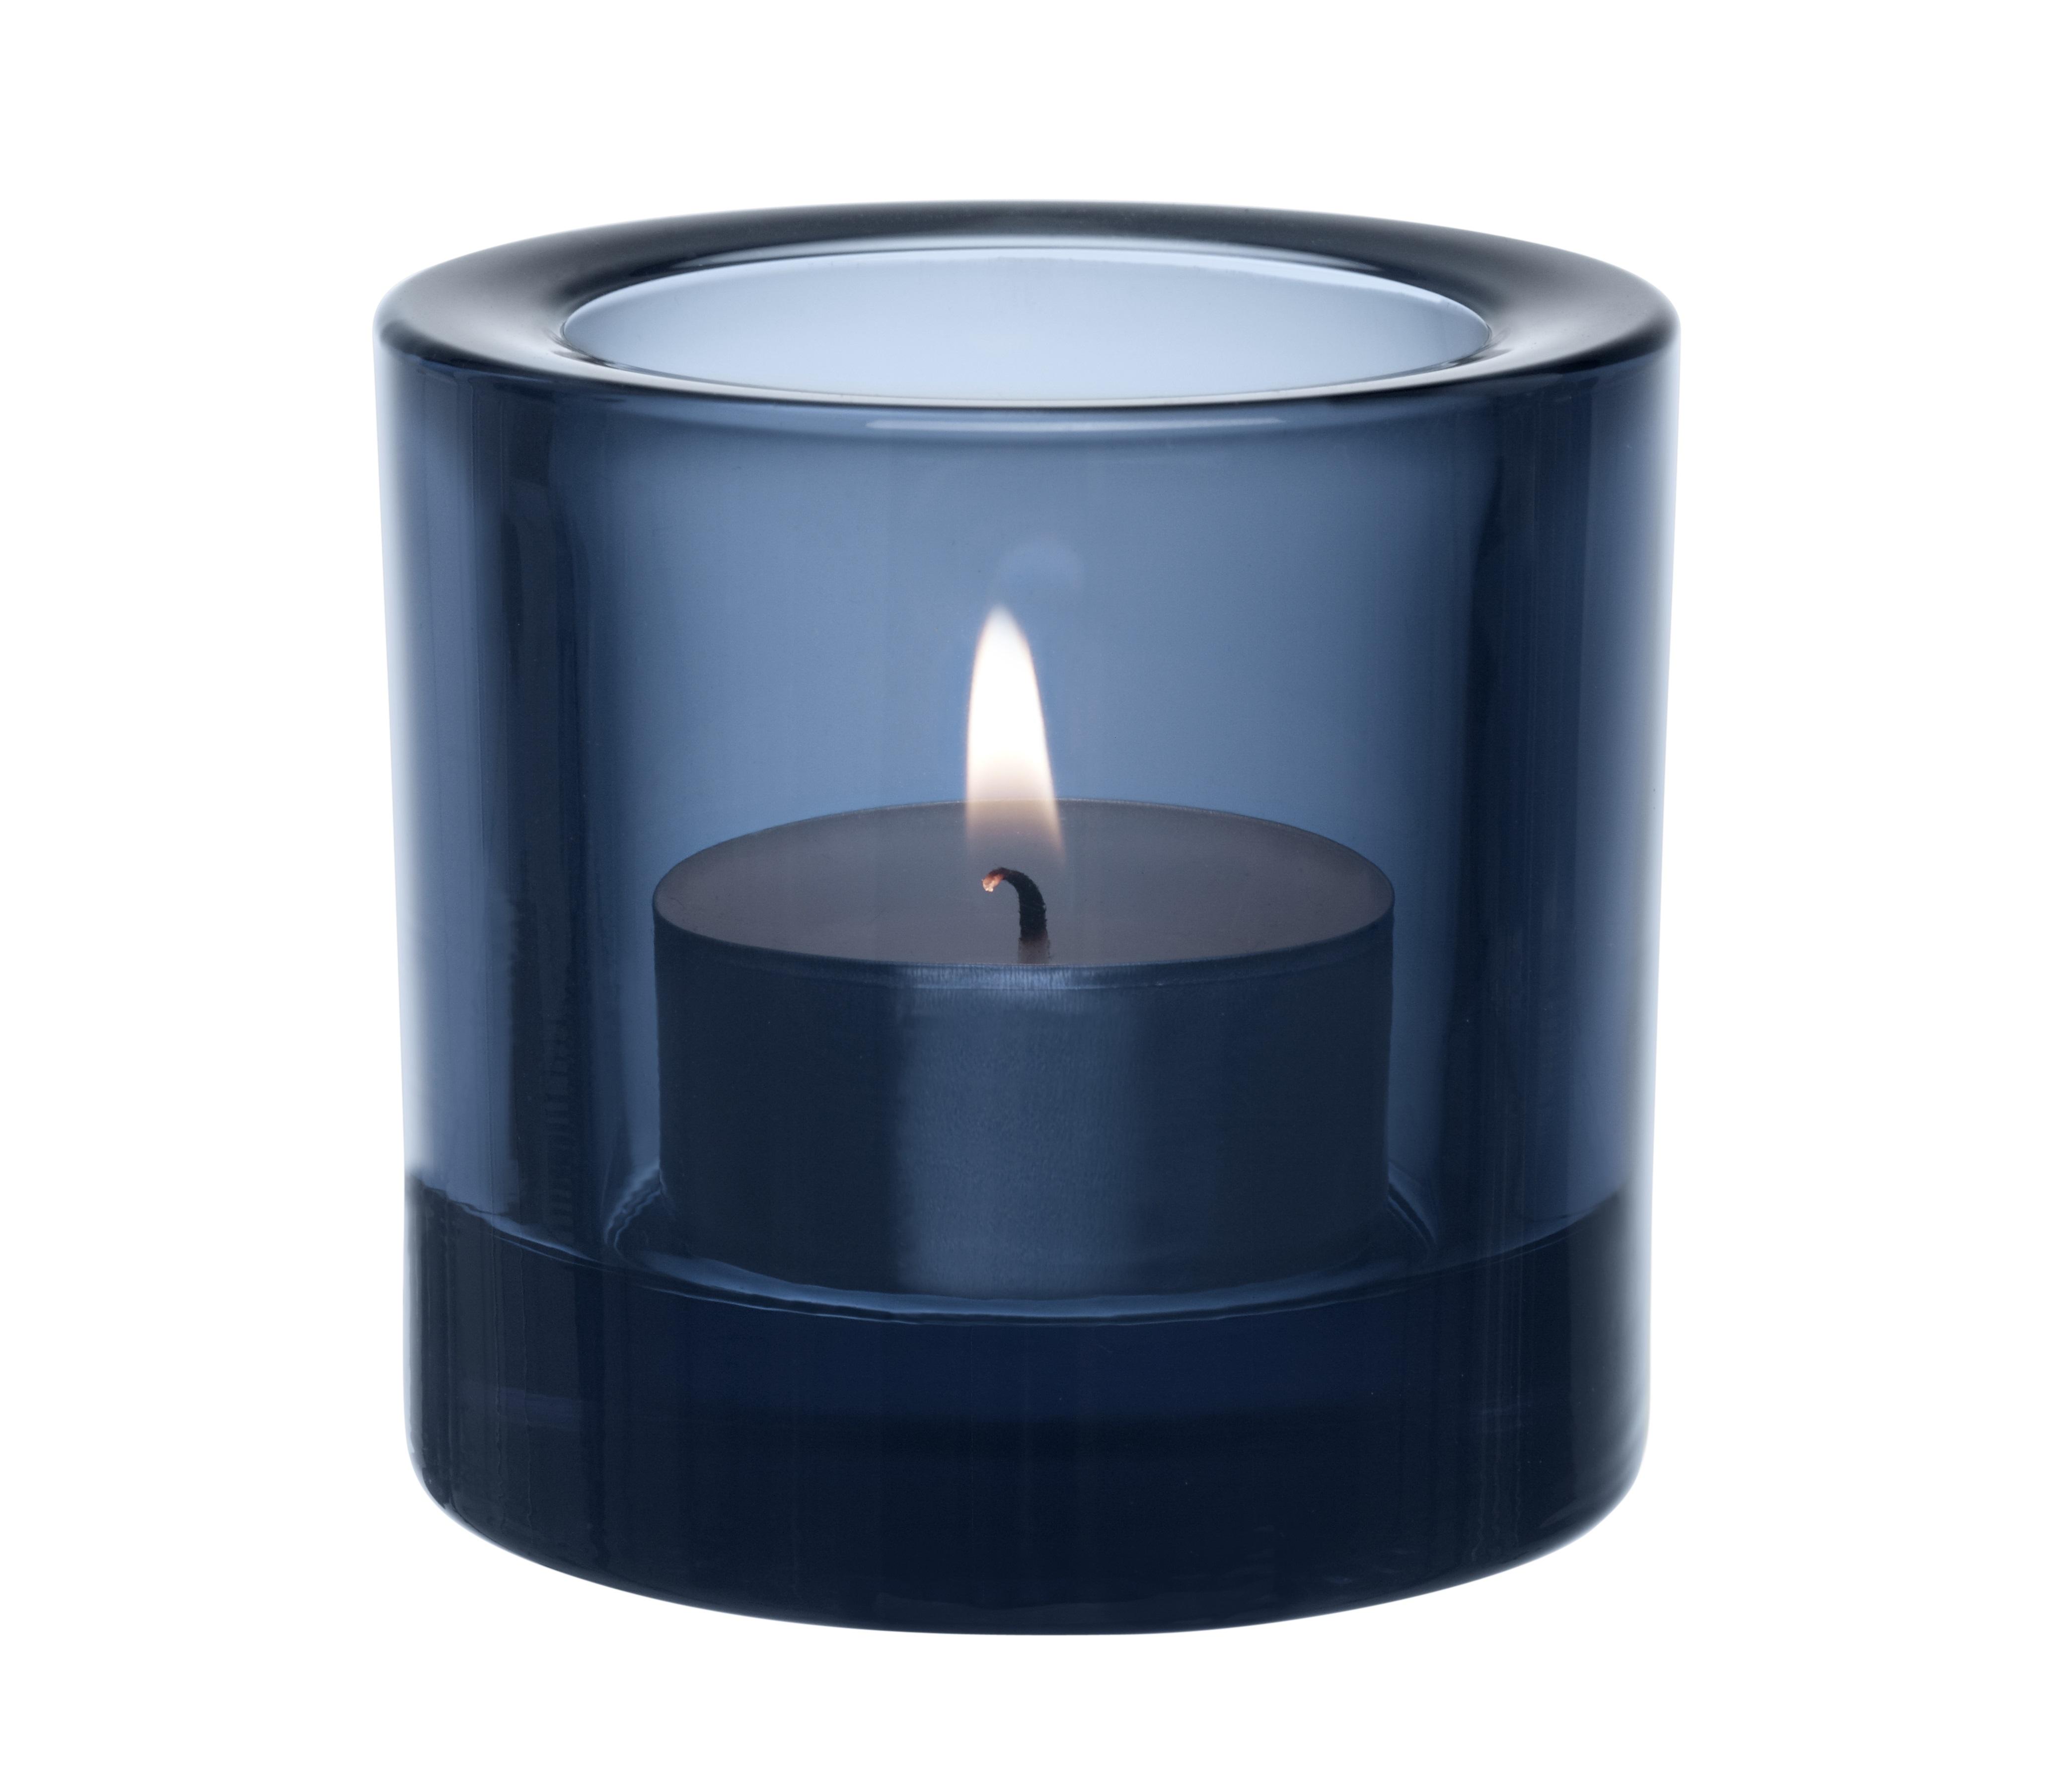 Подсвечник KiviПодсвечники<br>Для создания этих драгоценных хранителей света требуется отличное знание о стекле. Цвет и толщина стекла обогащает и рассеивает свет свечи. Широкая цветовая гамма позволяет создать коктейль из различных цветов, создавая нужное настроение.<br><br>Material: Стекло<br>Высота см: 6